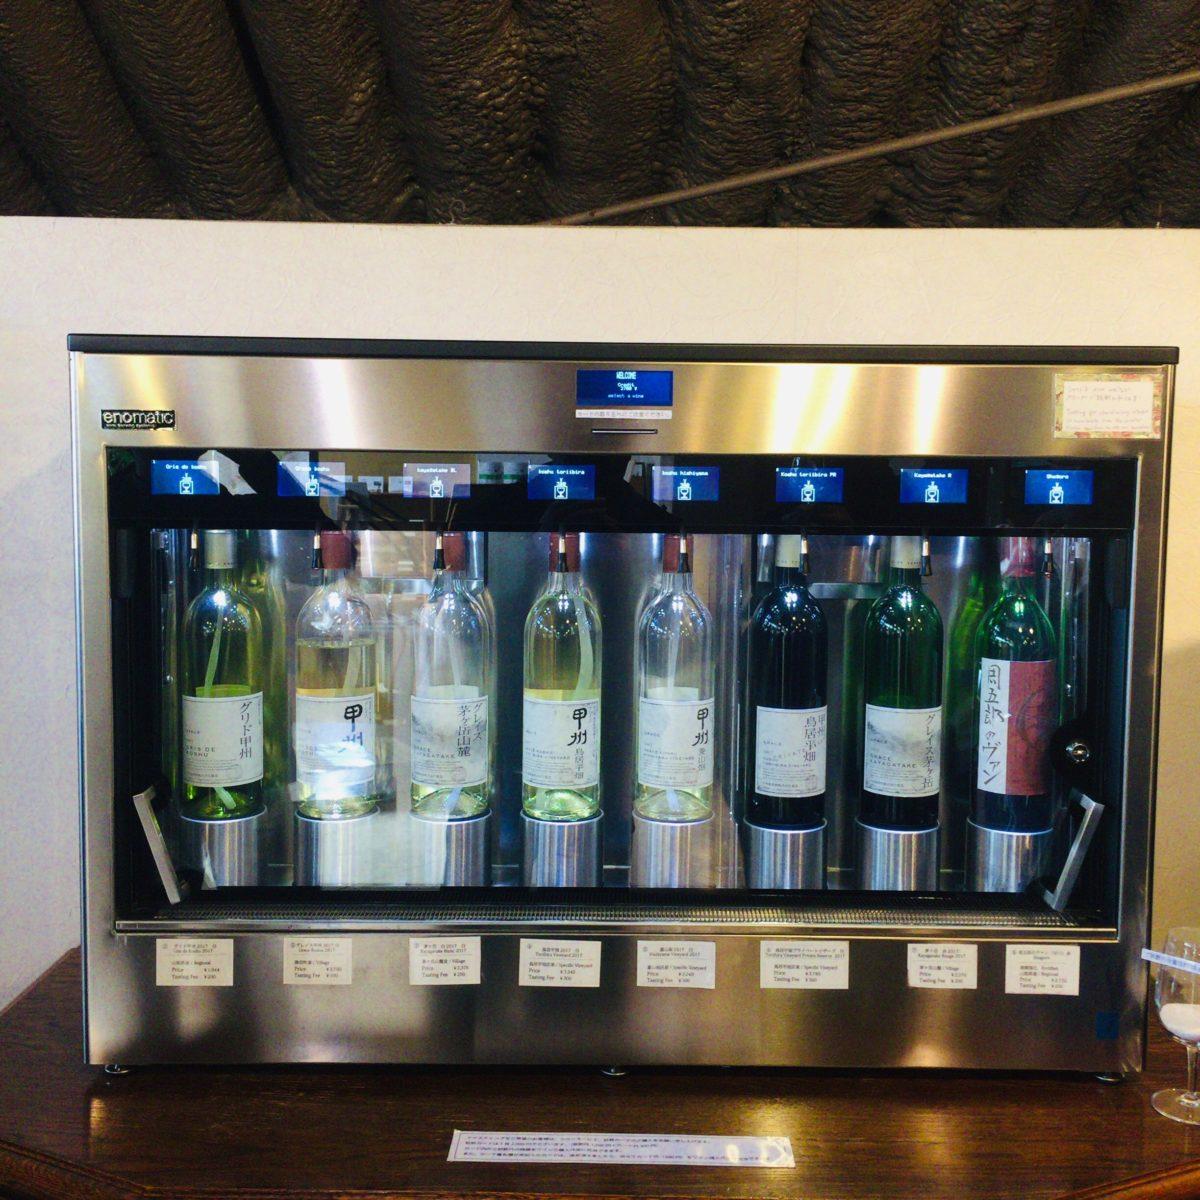 グレイスワインのプリベイトカード式試飲マシン